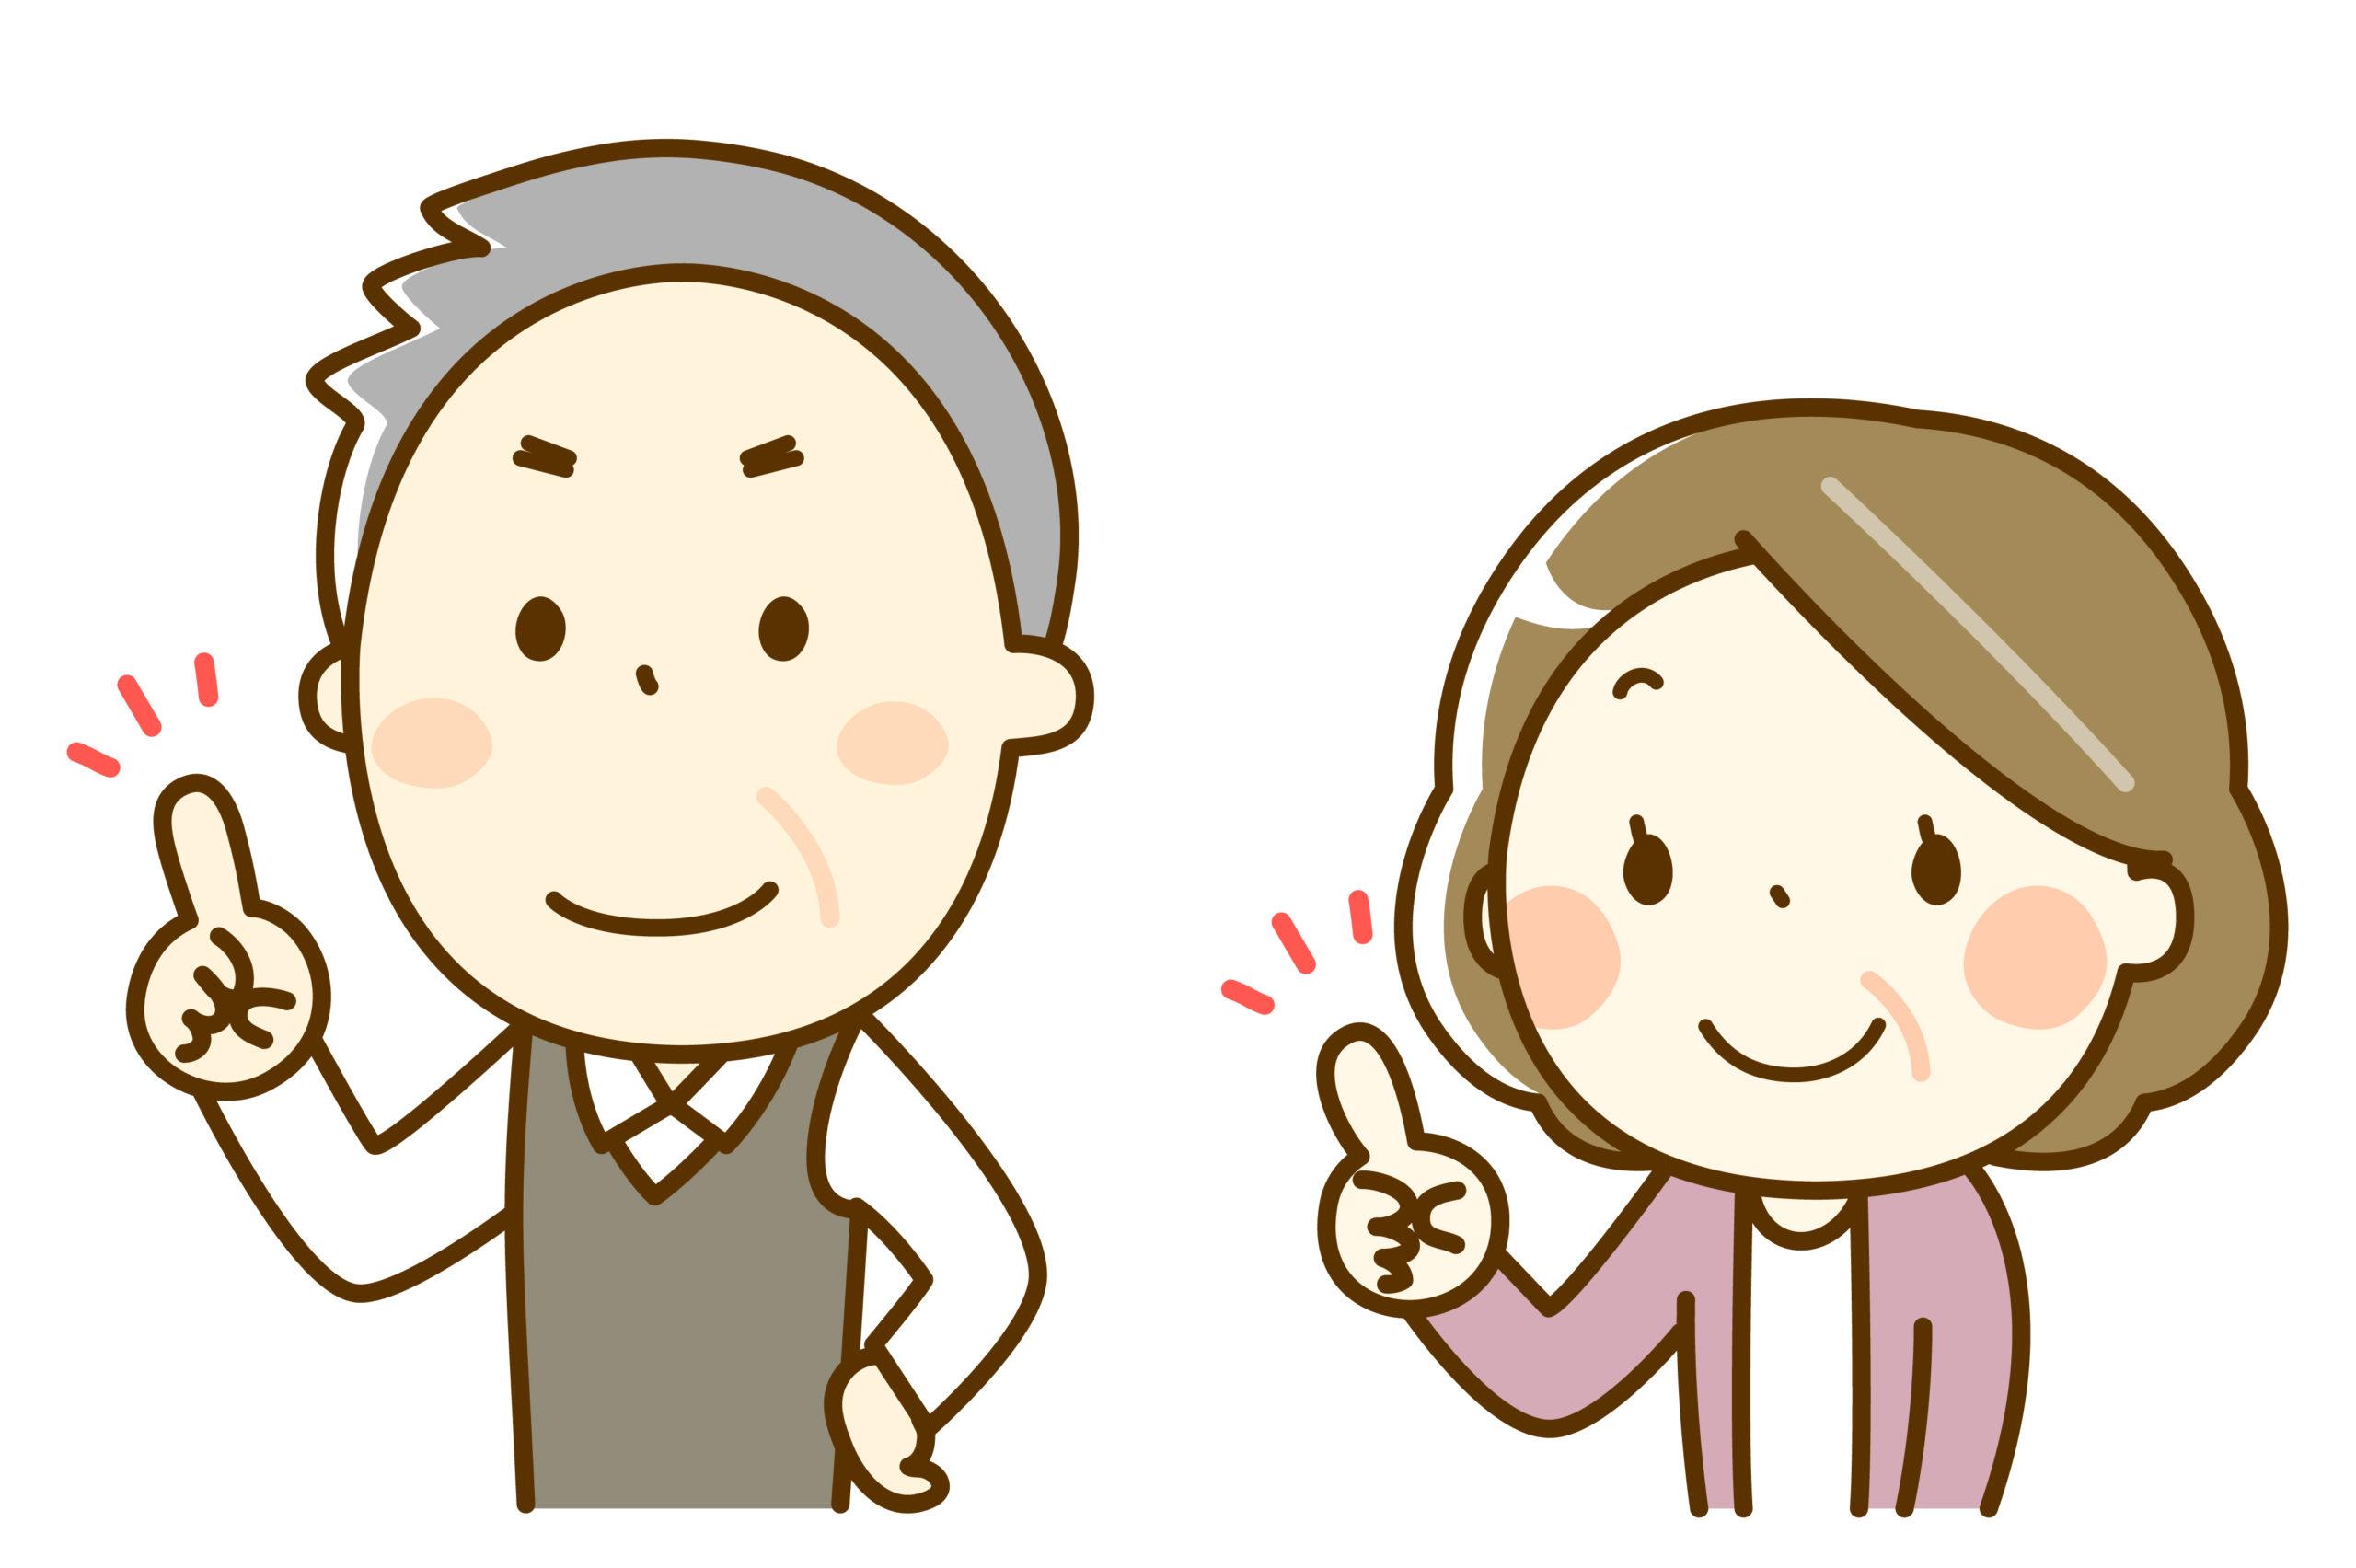 結婚の挨拶を迎える側の両親のイメージ画像2